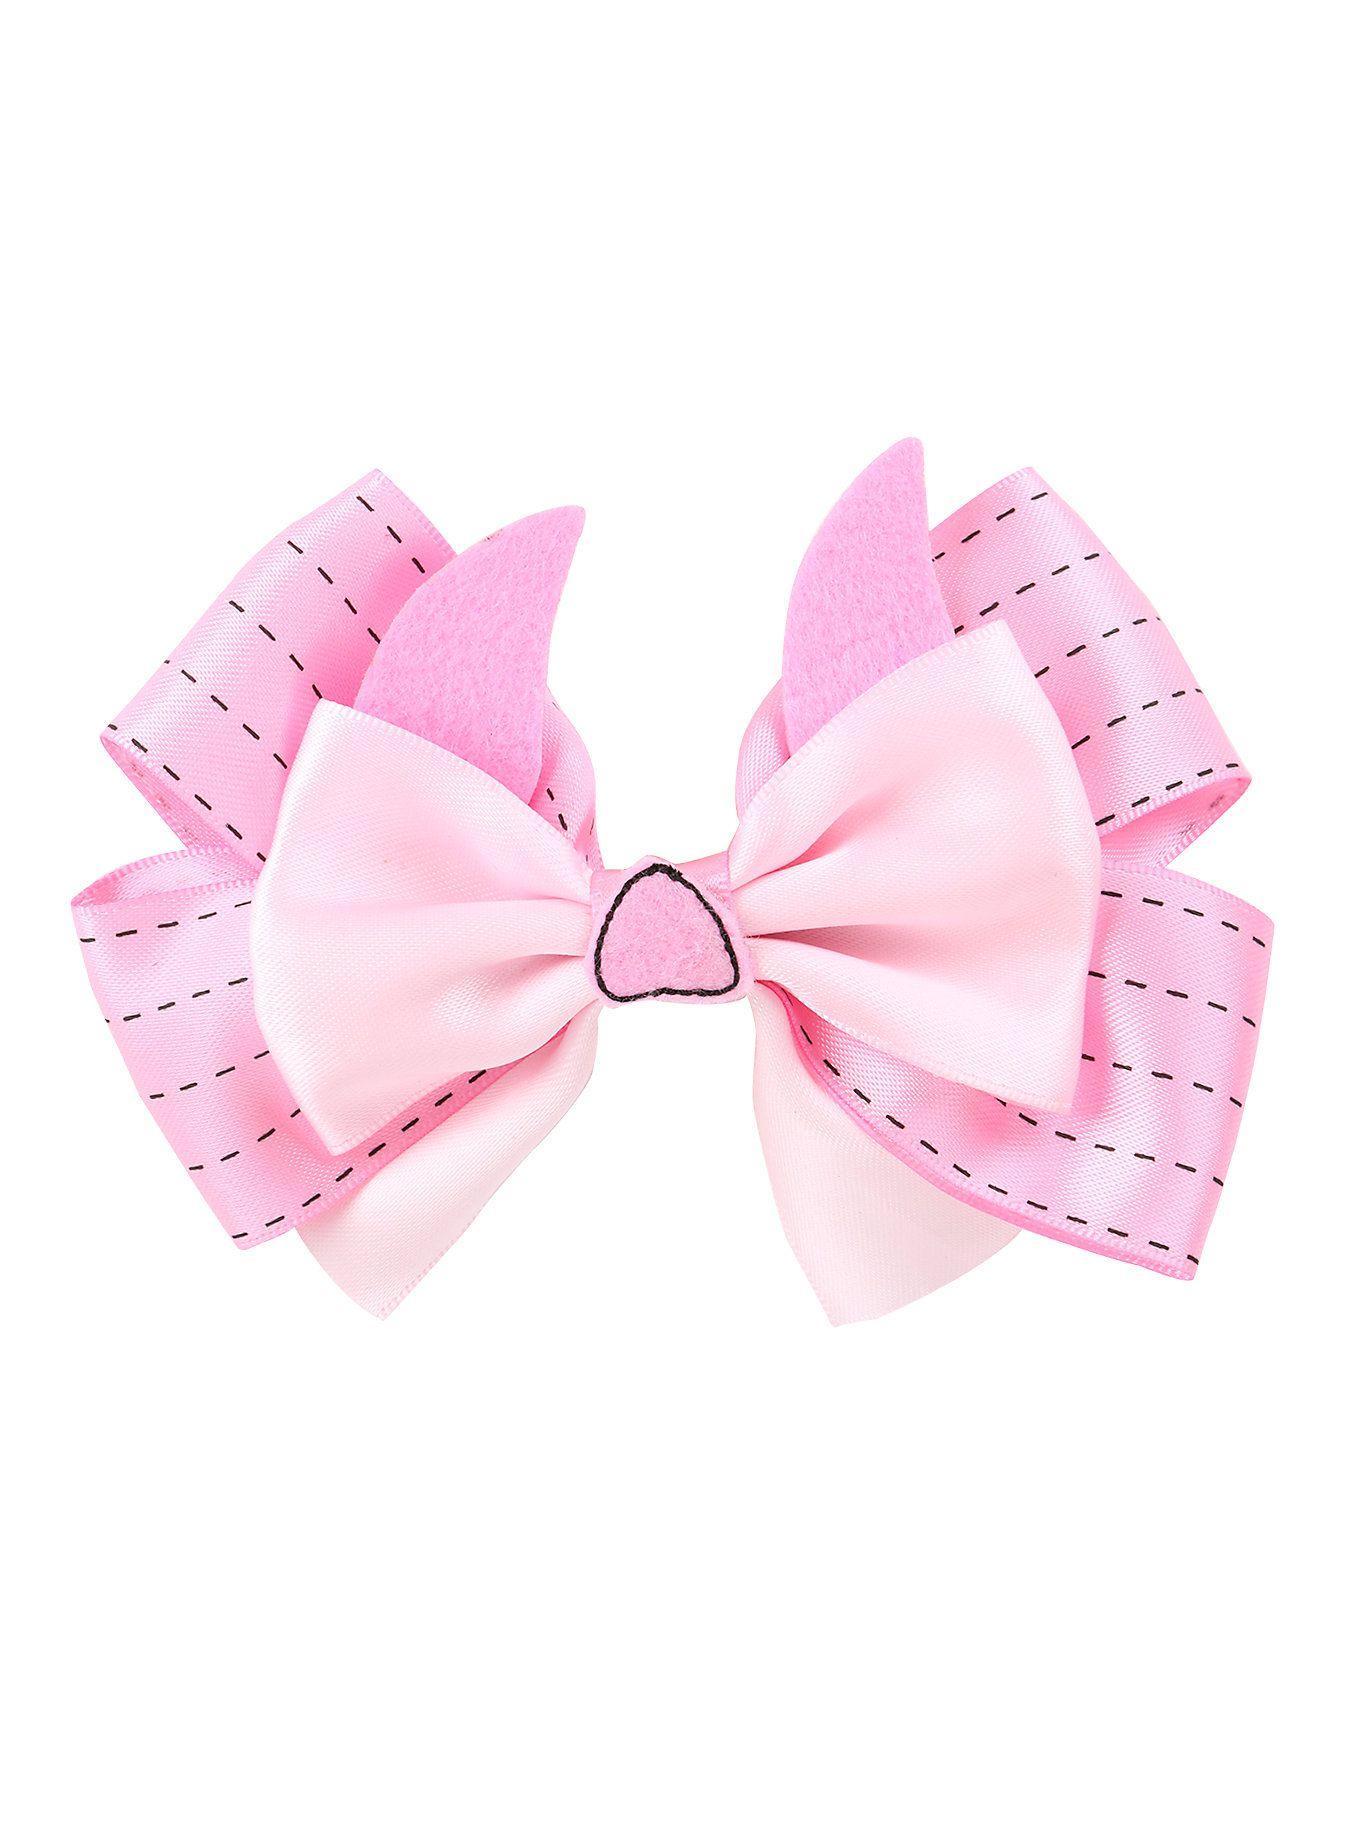 Disney Piglet Inspired Hair Bow